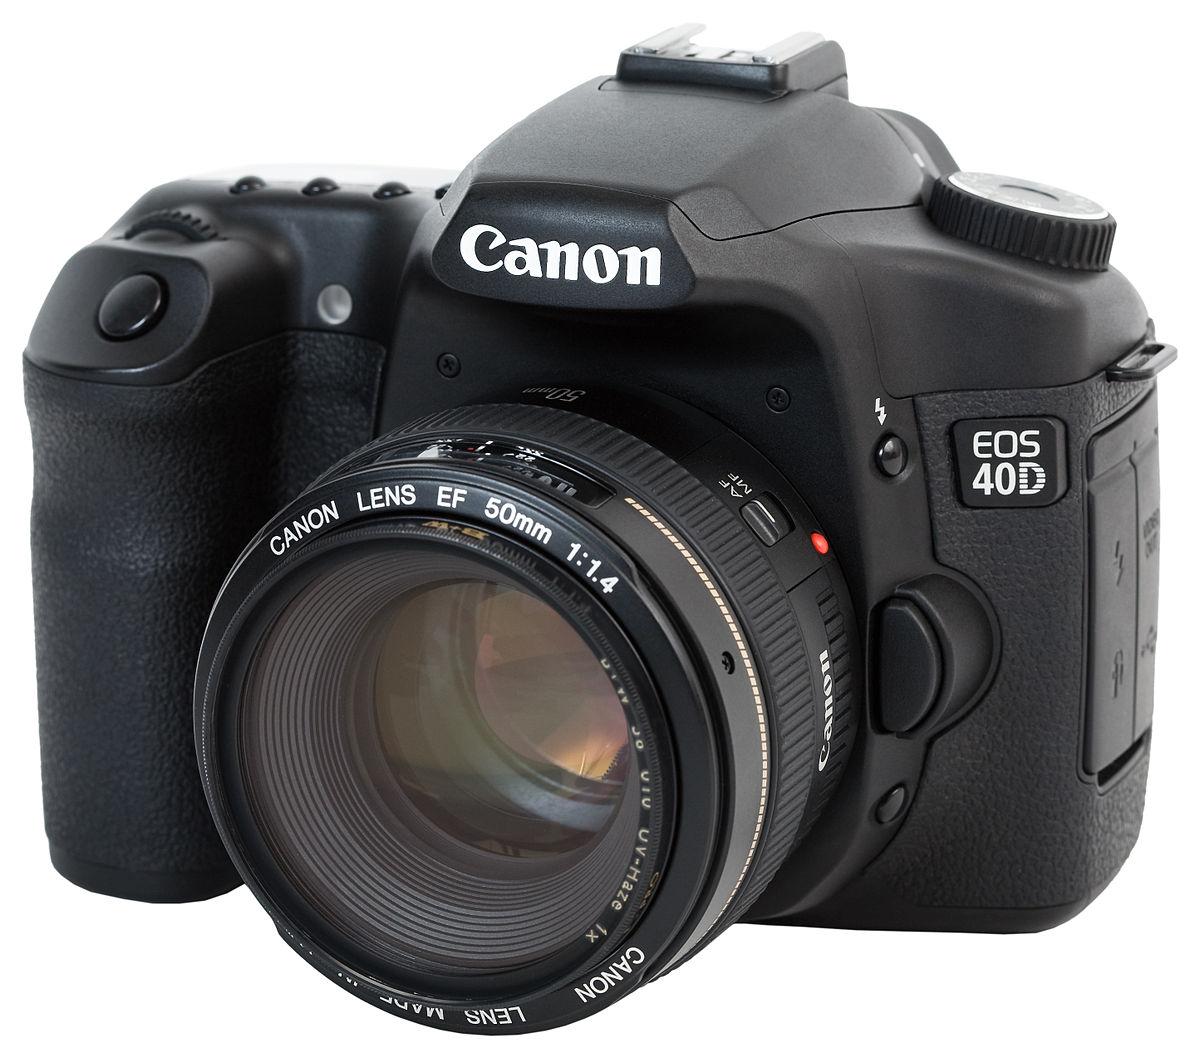 dcd2514df7c3 Canon EOS 40D - Wikipedia